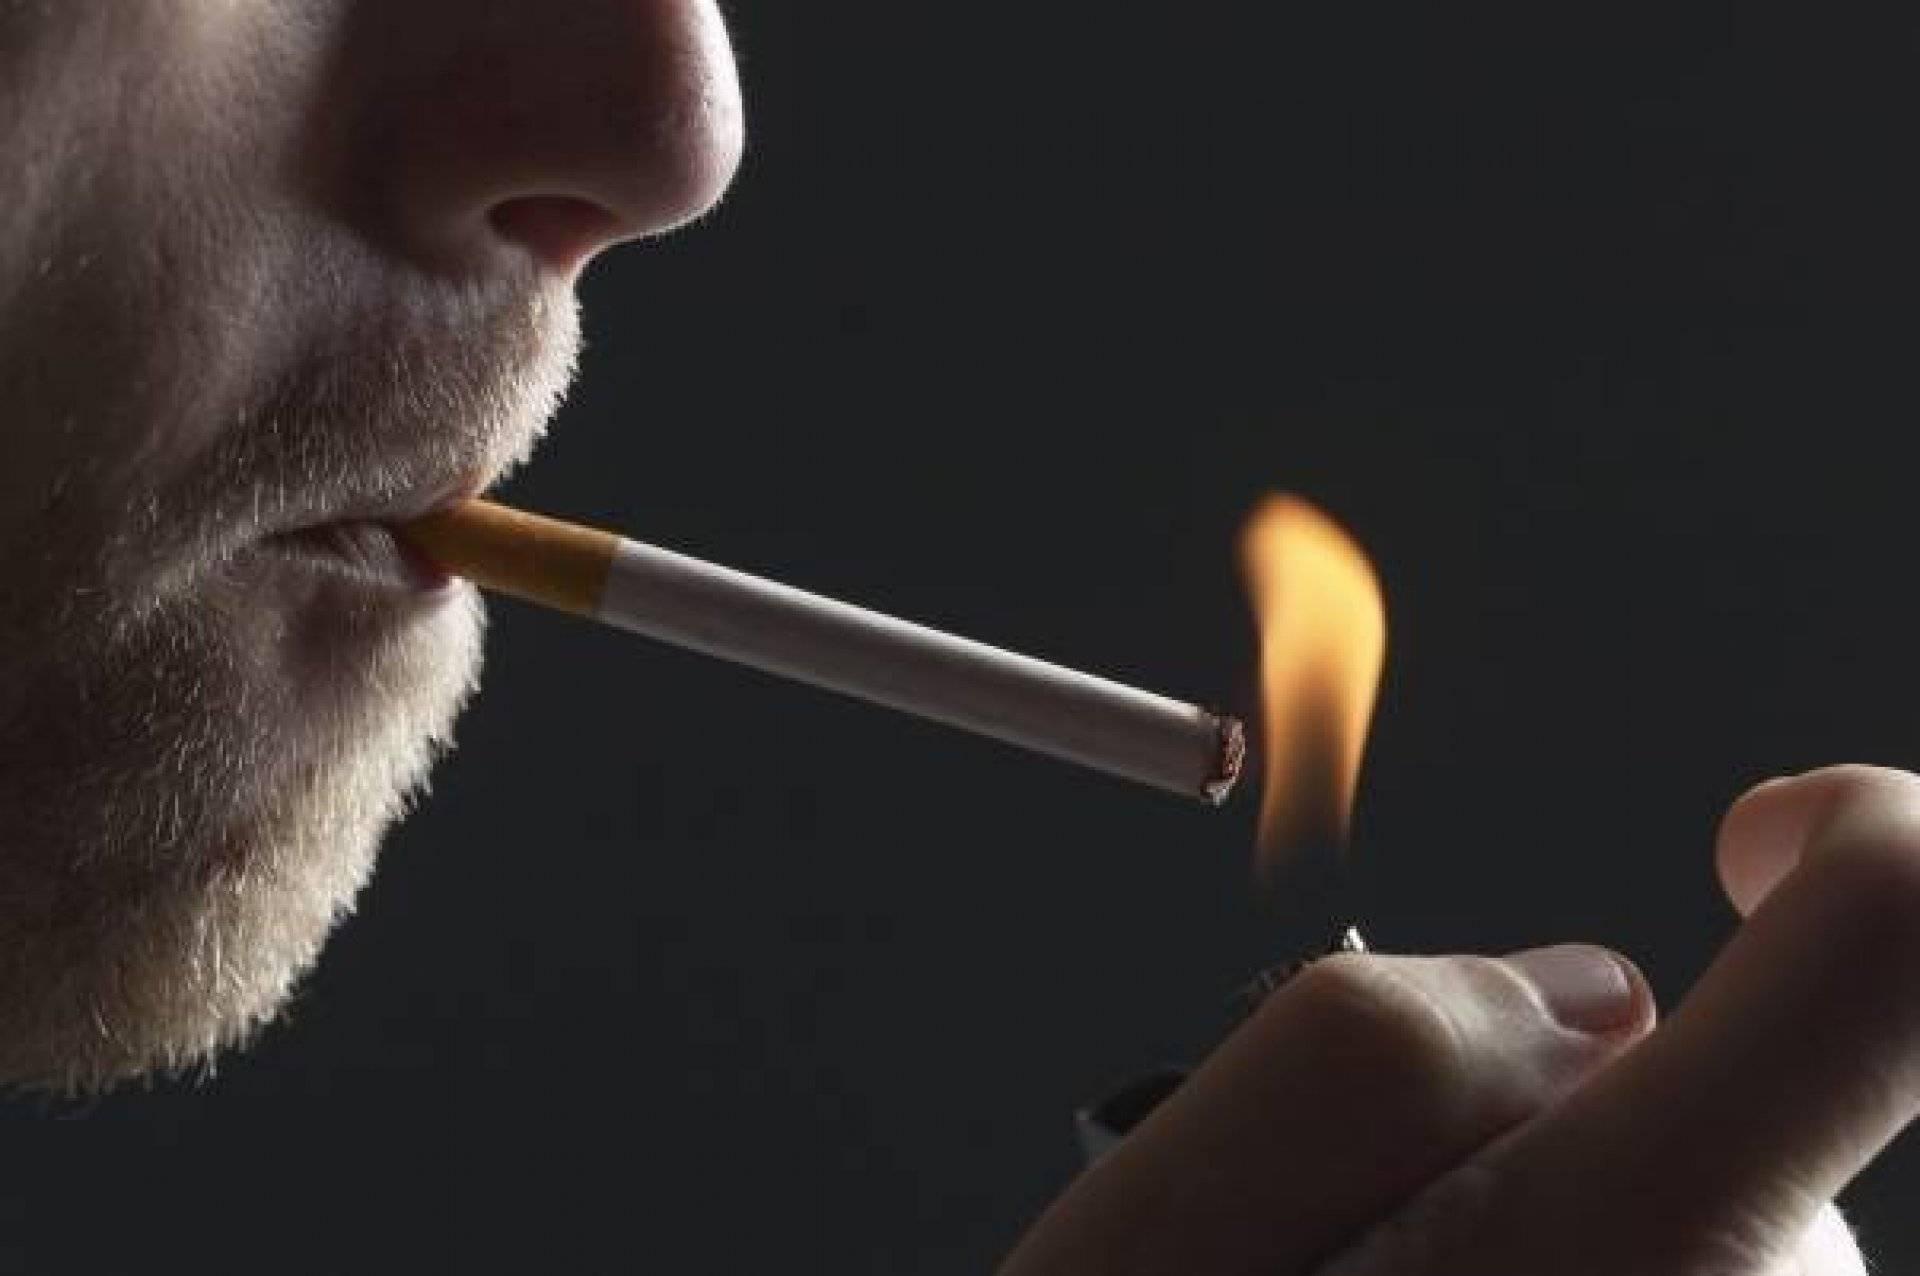 ترفندهای کلیدی برای ترک سیگار که نمیدانستید